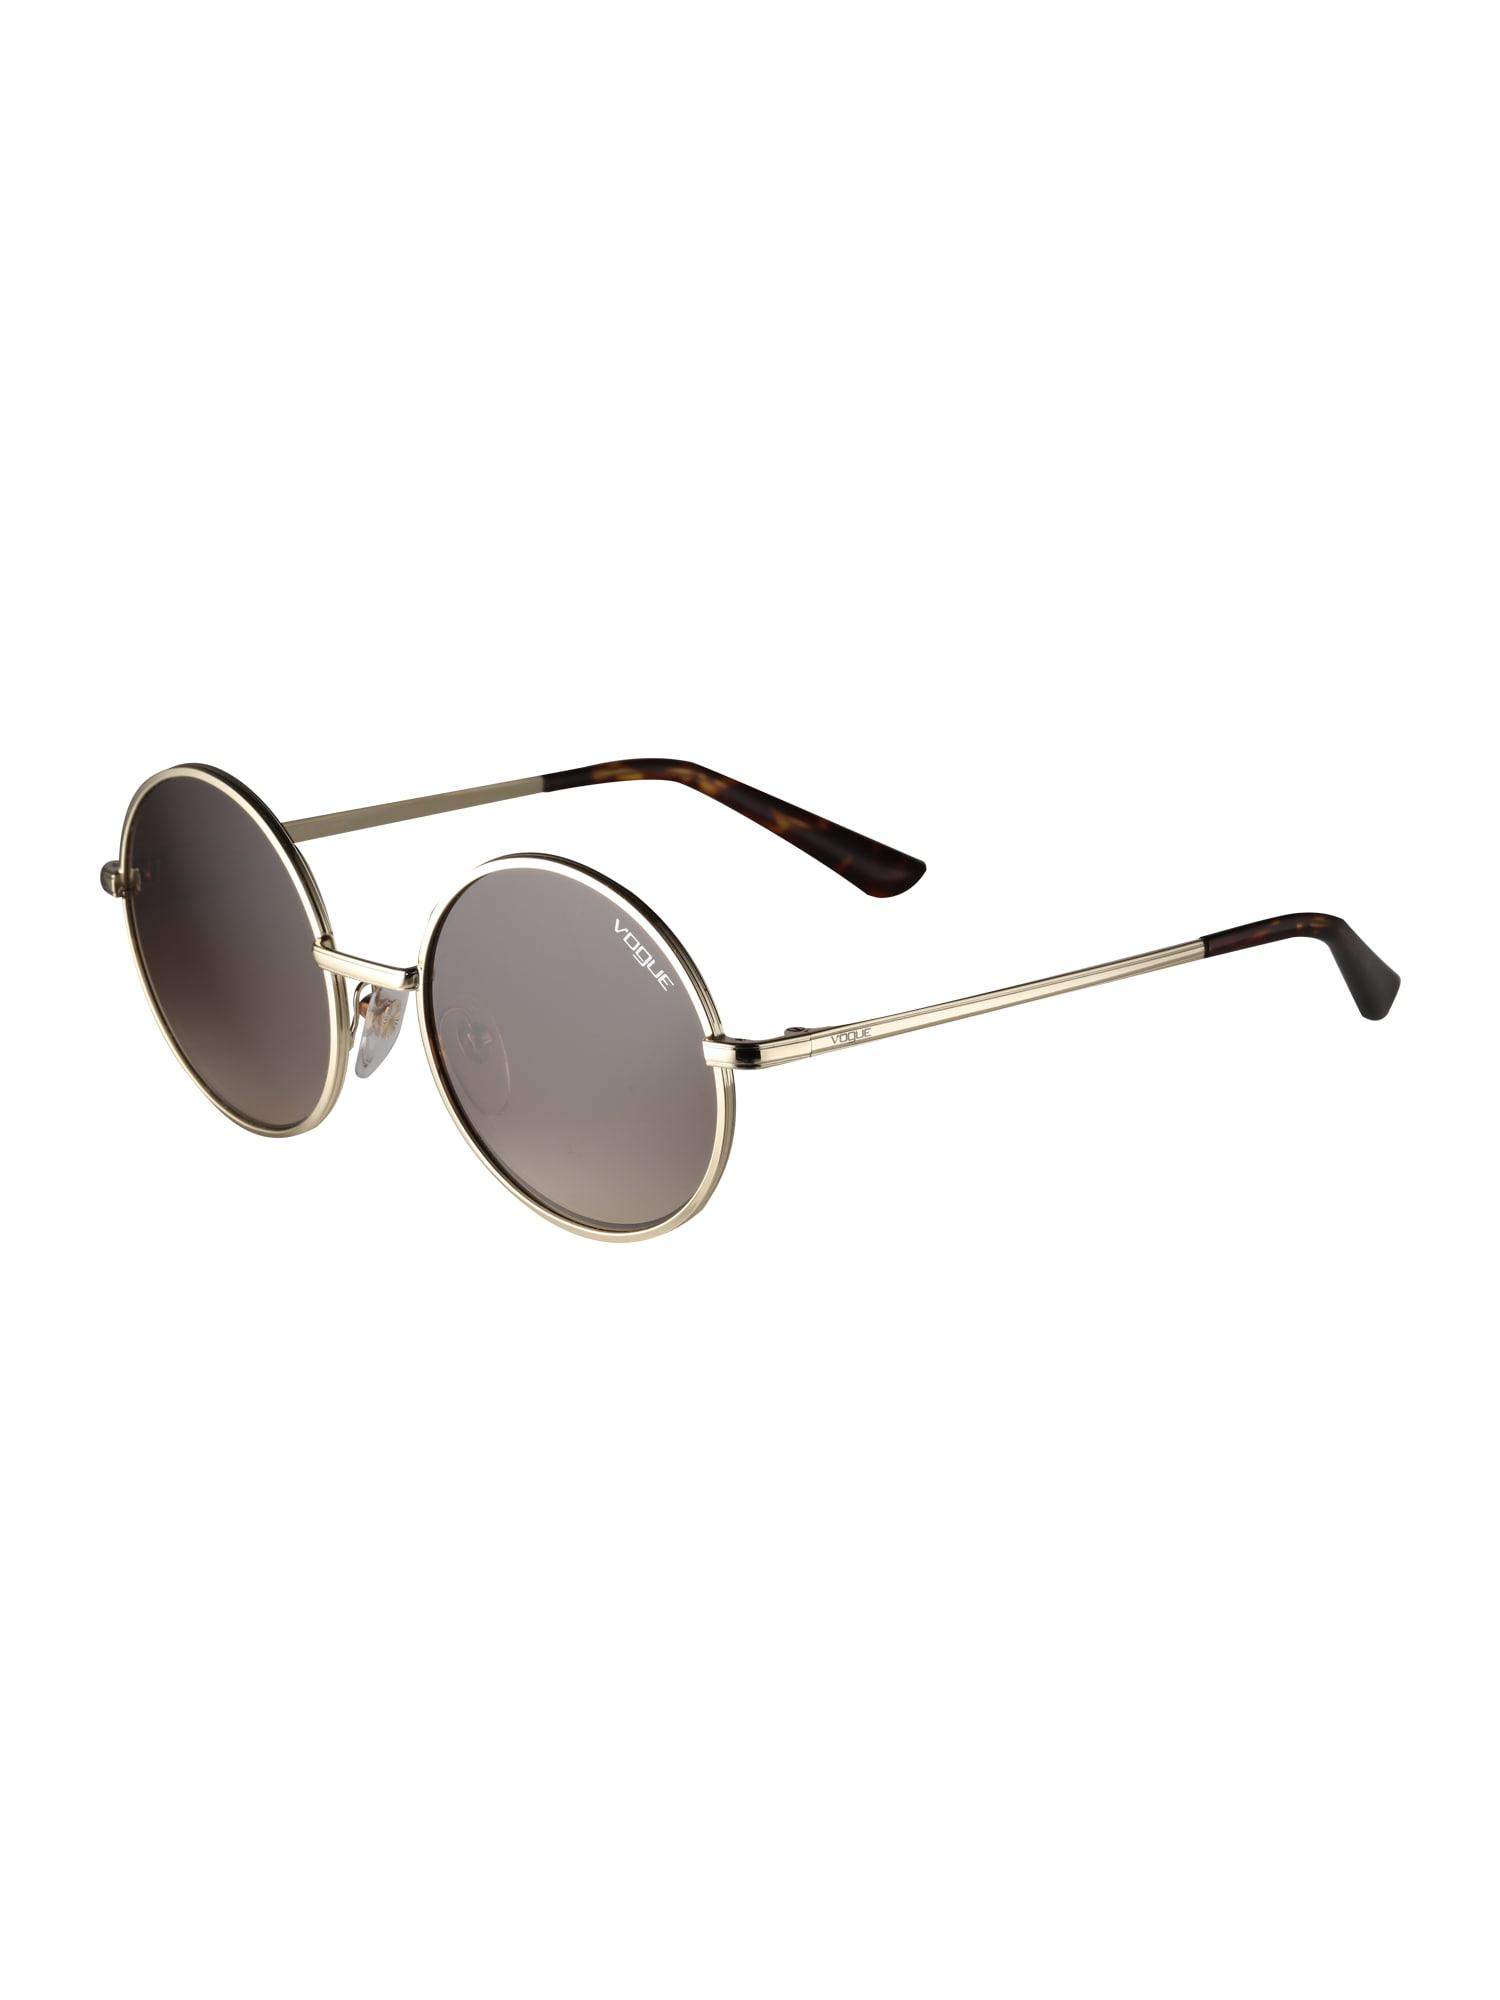 VOGUE Eyewear Akiniai nuo saulės ruda / auksas